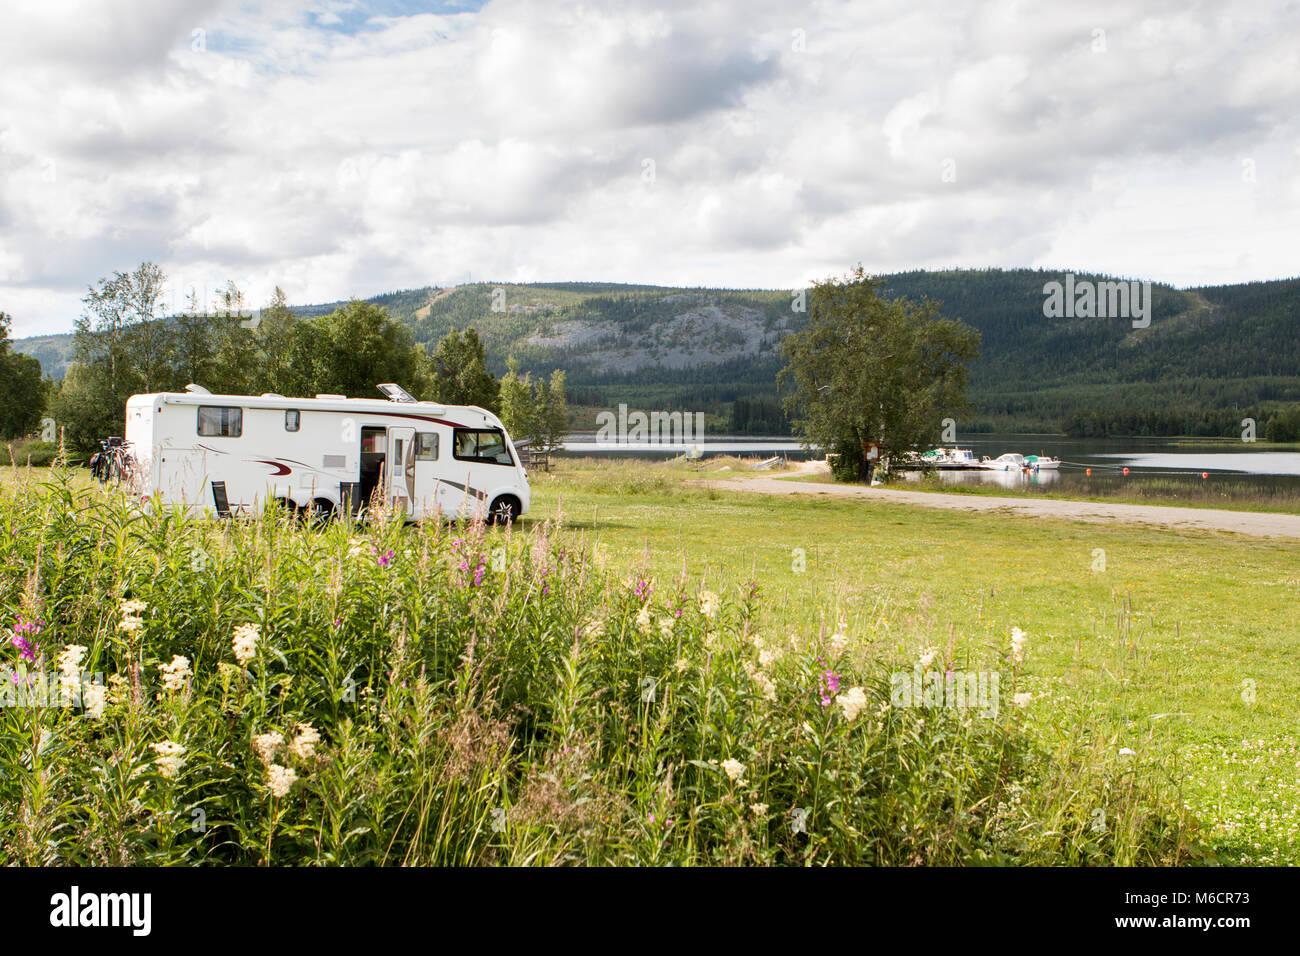 Grandi camper parcheggiato su erba verde vicino a un lago in Scandinavia. Immagini Stock